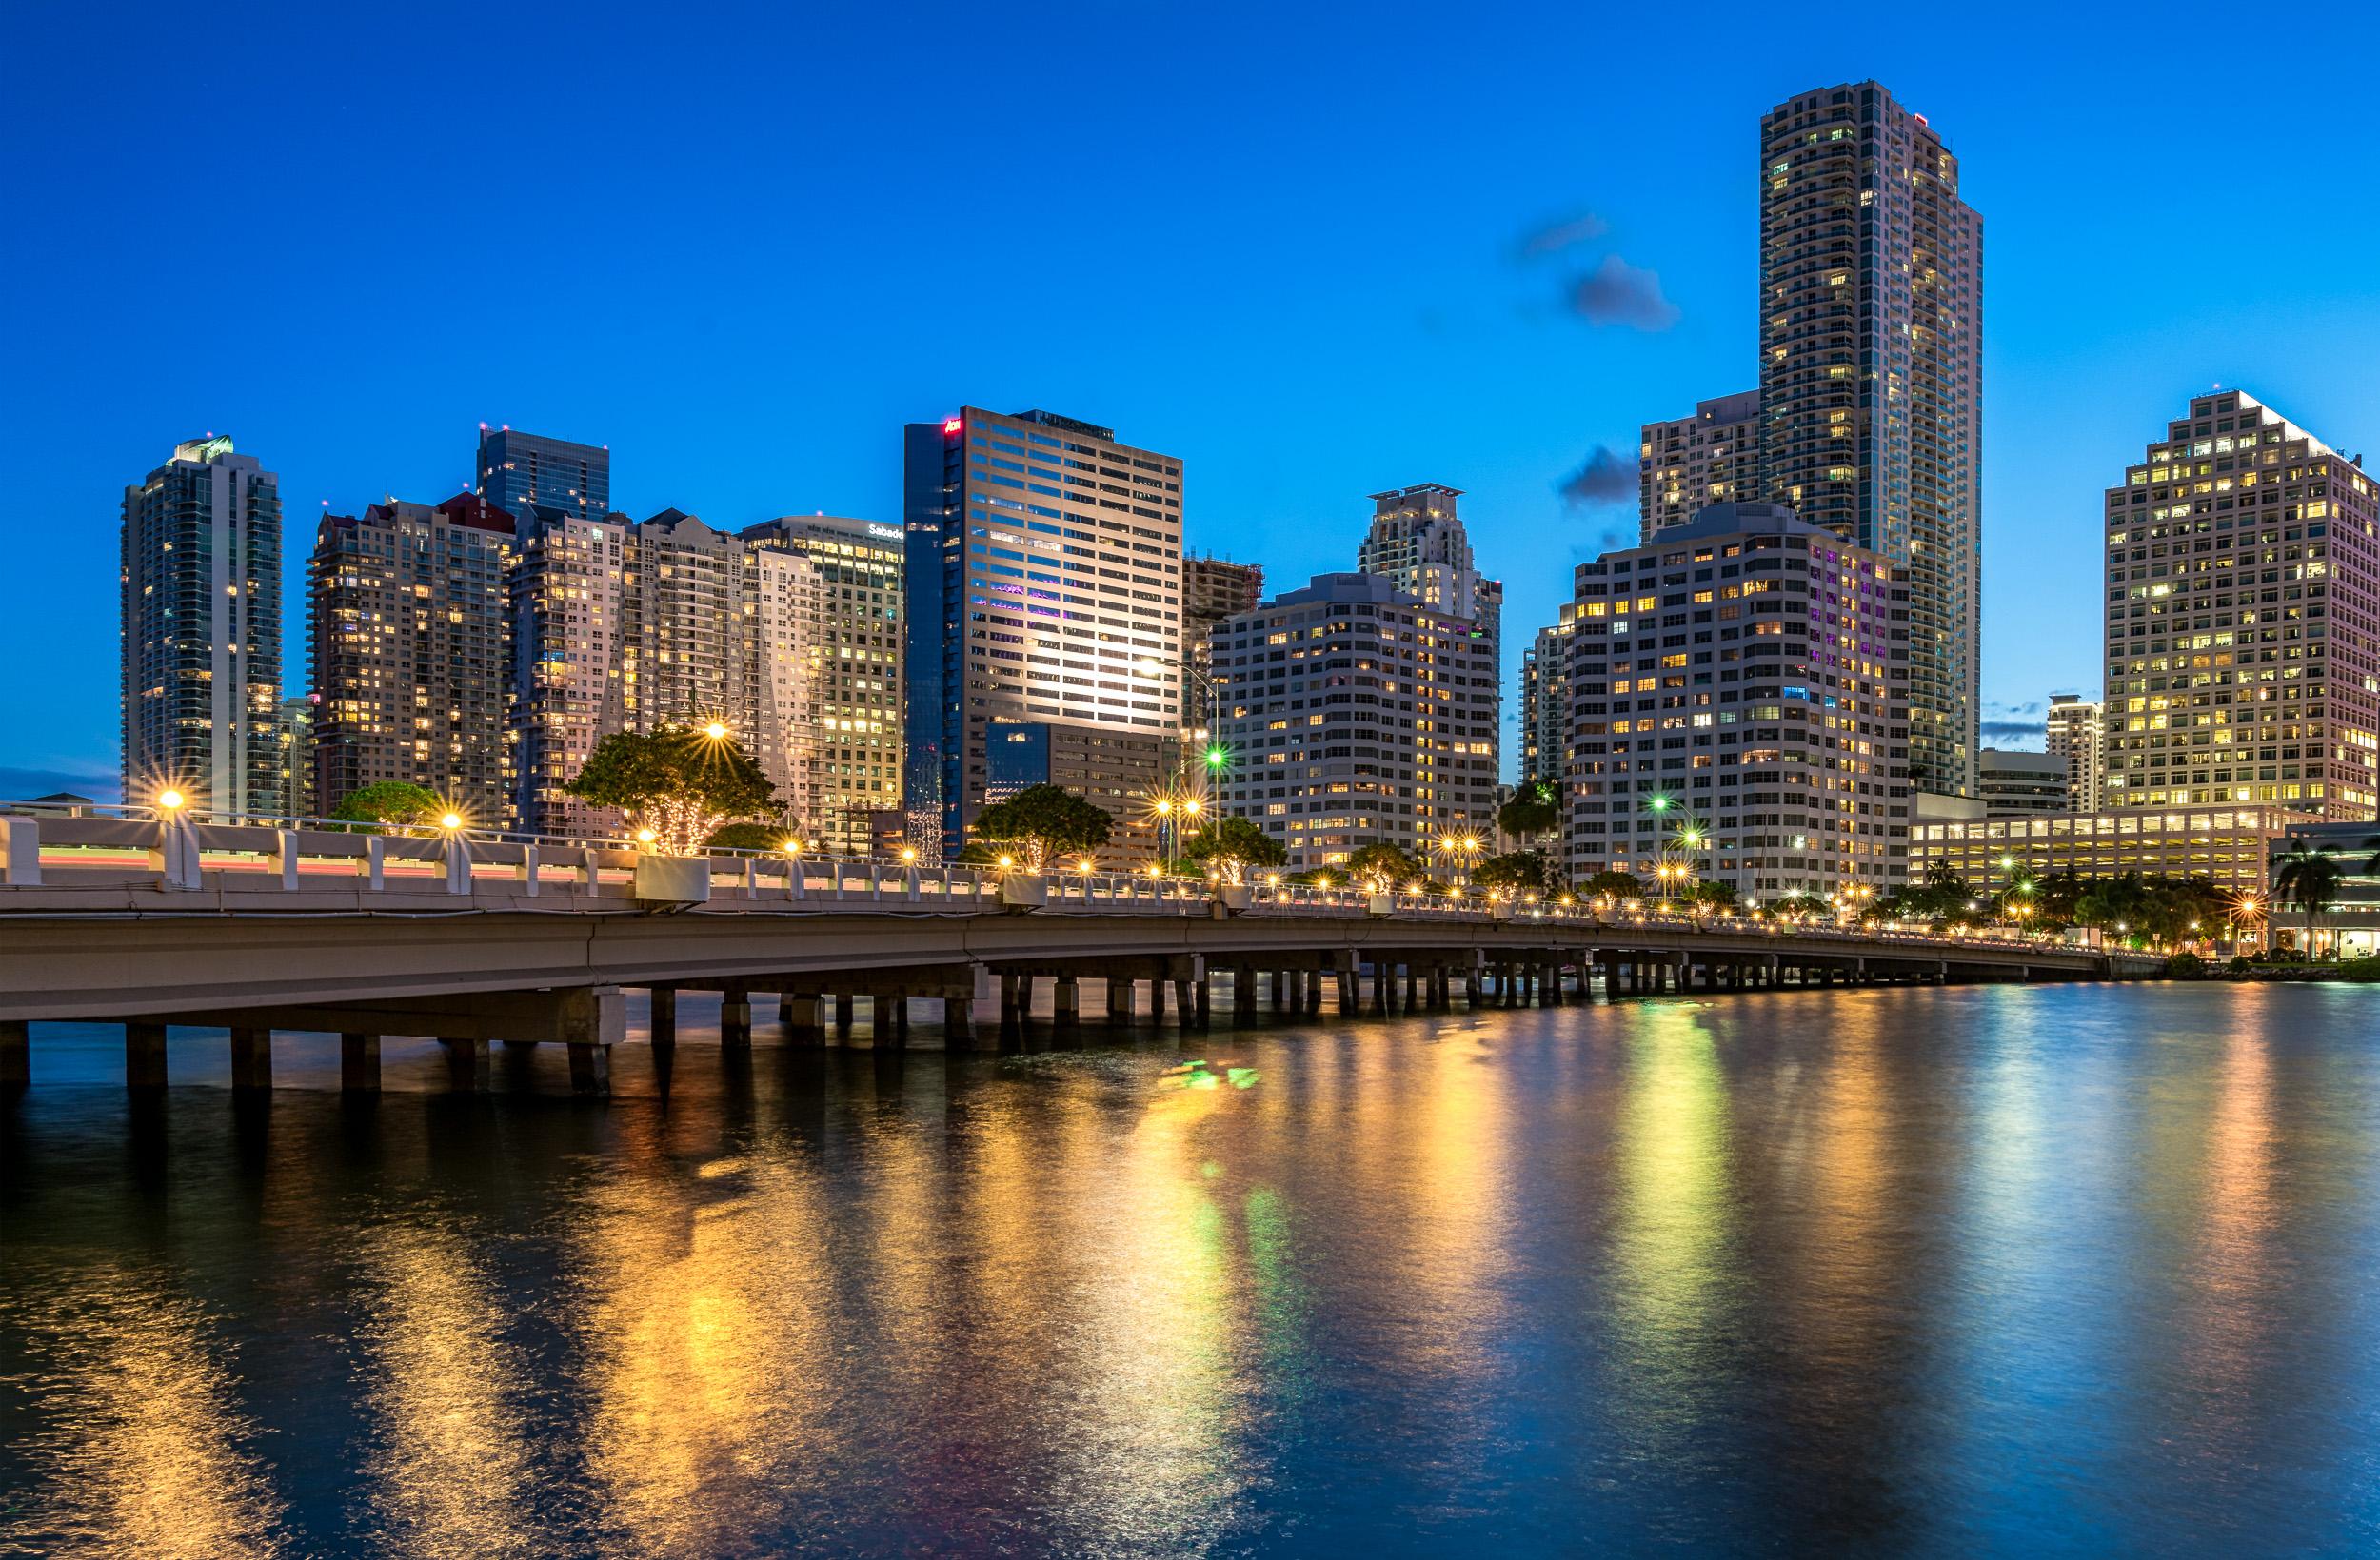 Miami_from_Brikell_Key_1_commercial_photographer_Franklin_E_Castillo-Edit-Edit-Edit.jpg